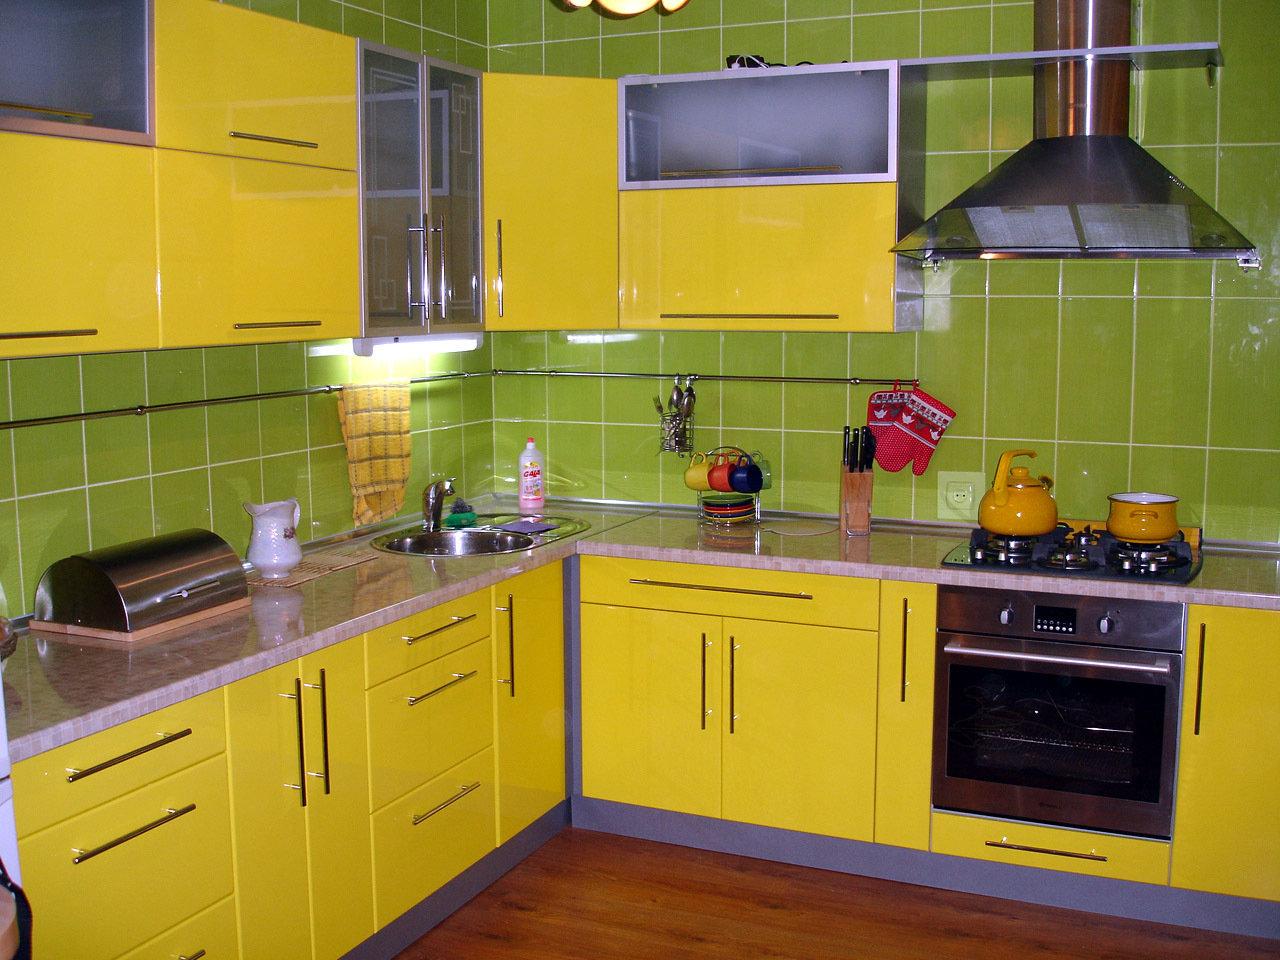 yellow161